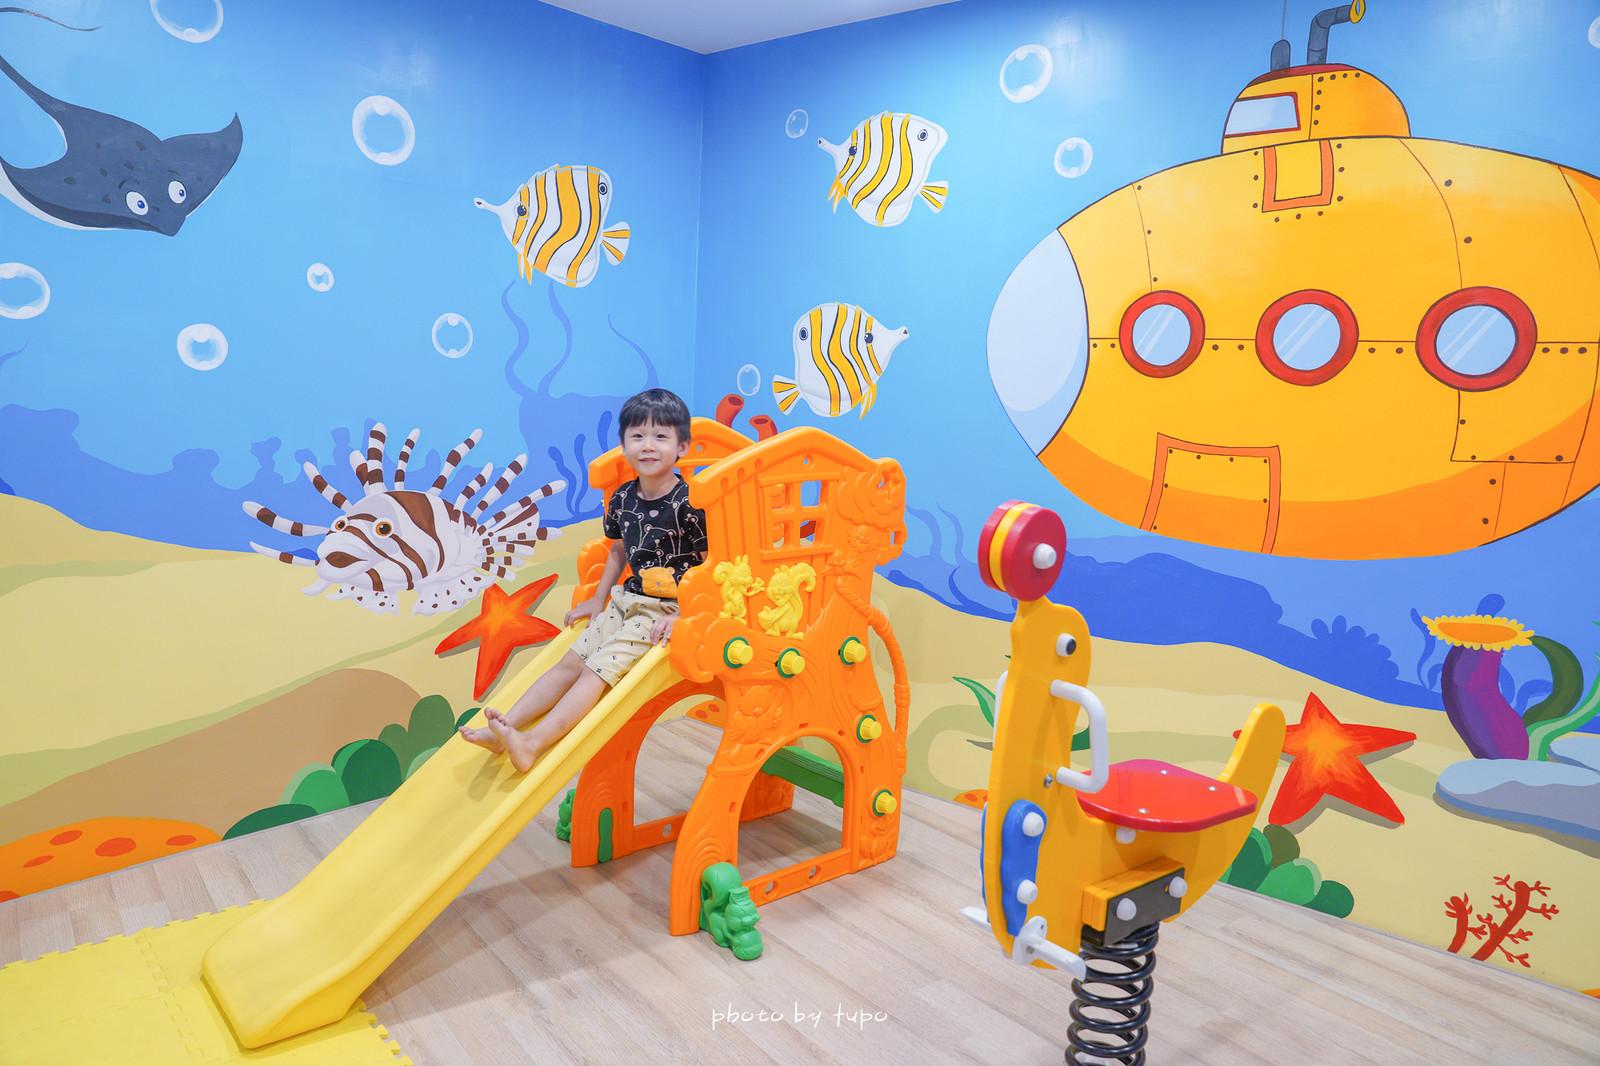 彰化住宿》二訪最新親子房!晨荷精品渡假旅館,擁有多個主題親子房:海洋公園風、森林樹屋、海盜船、巨大恐龍蛋,超大的浴缸可以玩水哦!